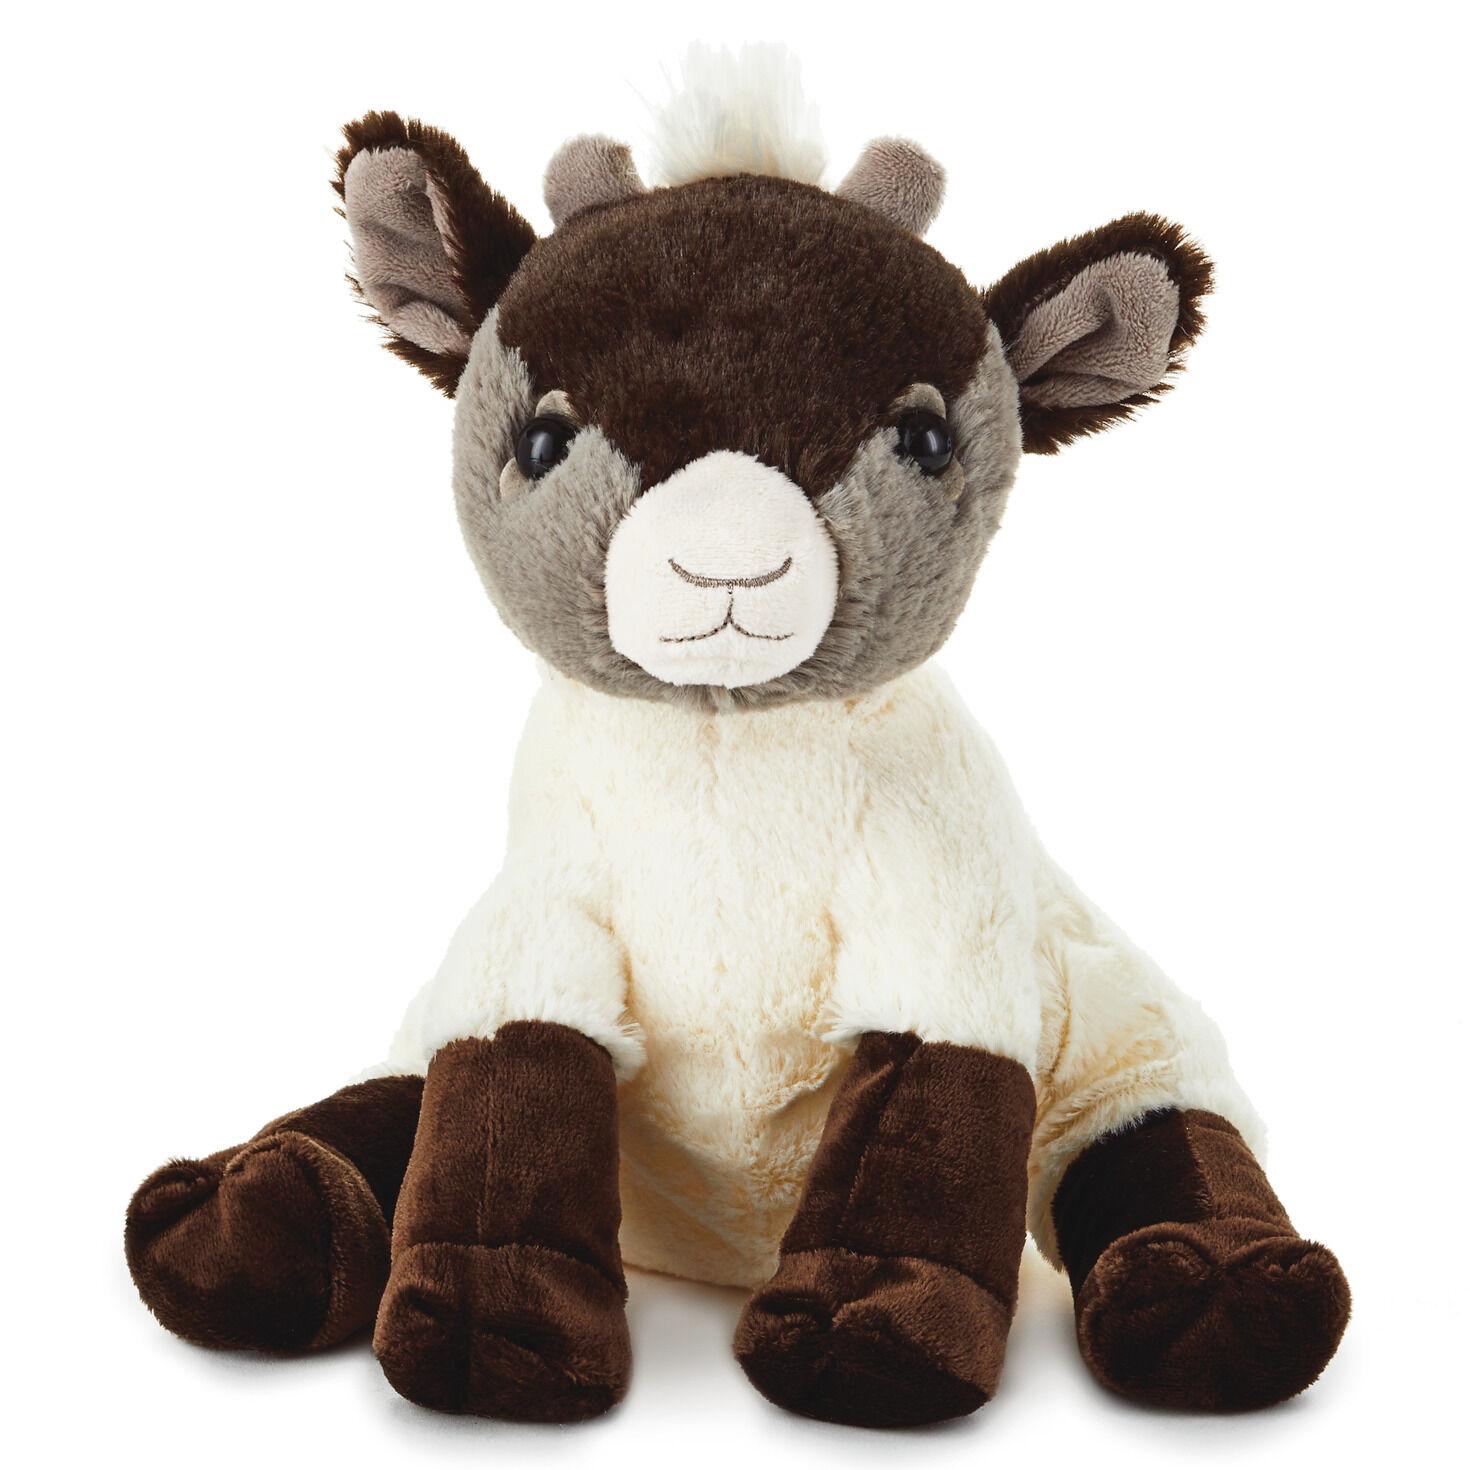 Baby Goat Stuffed Animal, 8.25